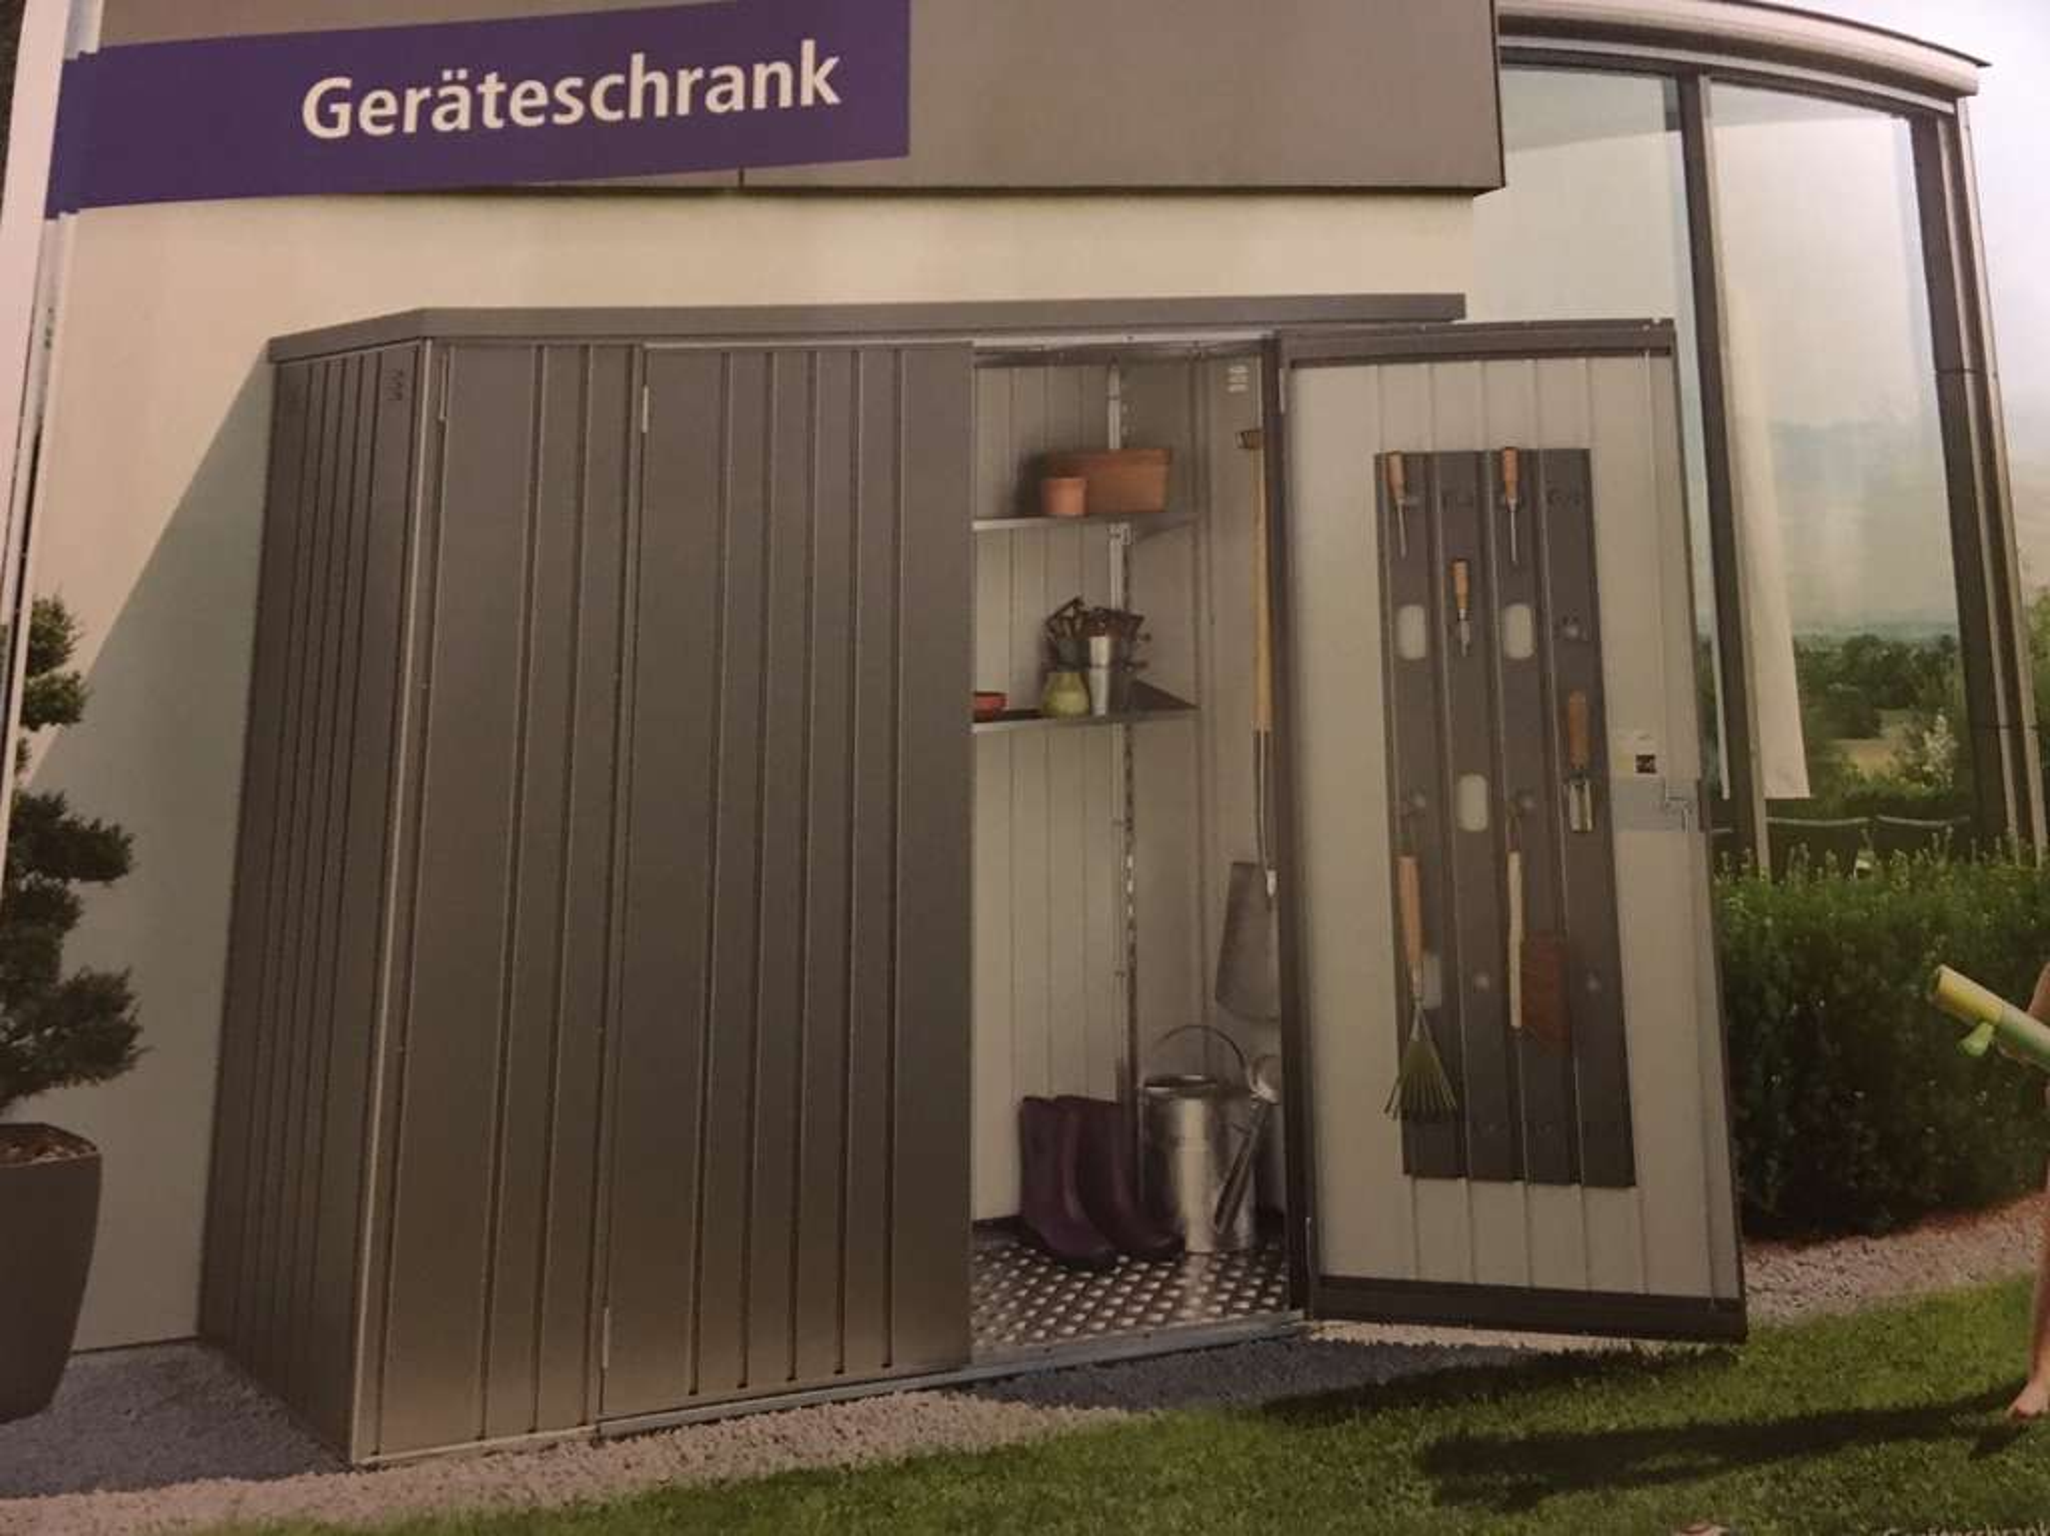 Auto Kühlschrank Bauhaus : Biohort geräteschrank minus minus bauhaus tpg